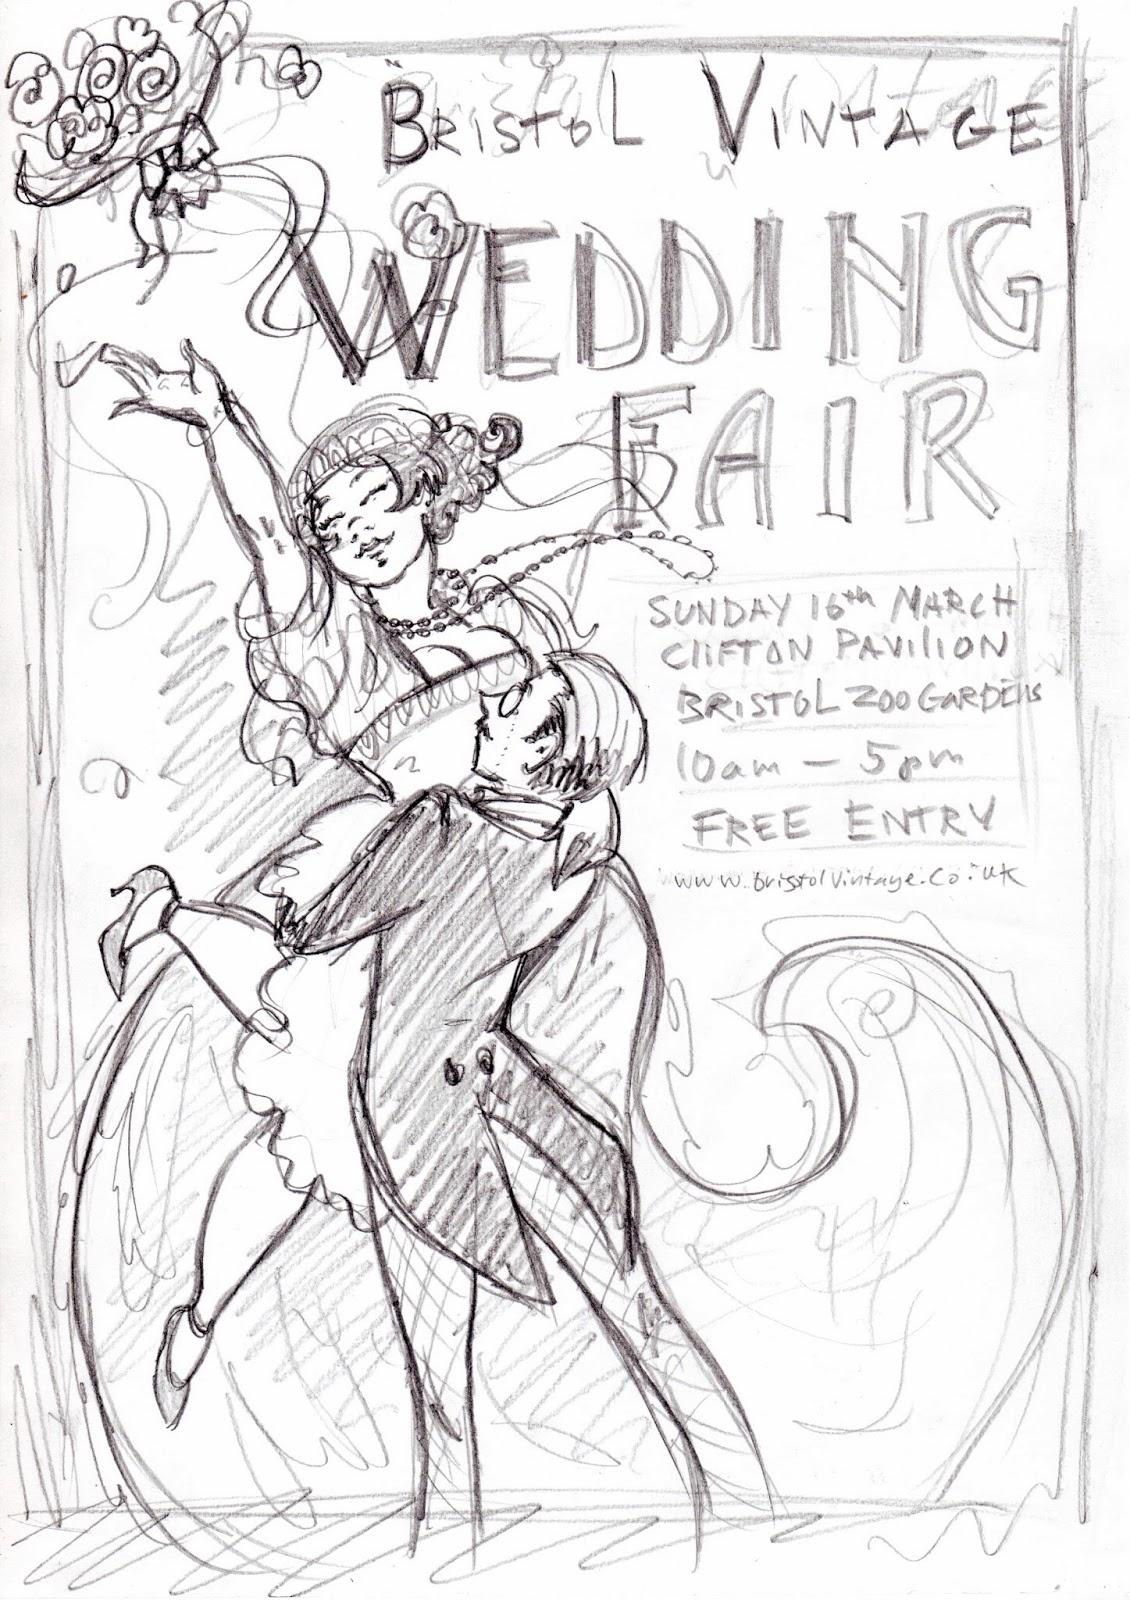 Bristol Vintage Wedding Fair Moomie Swan